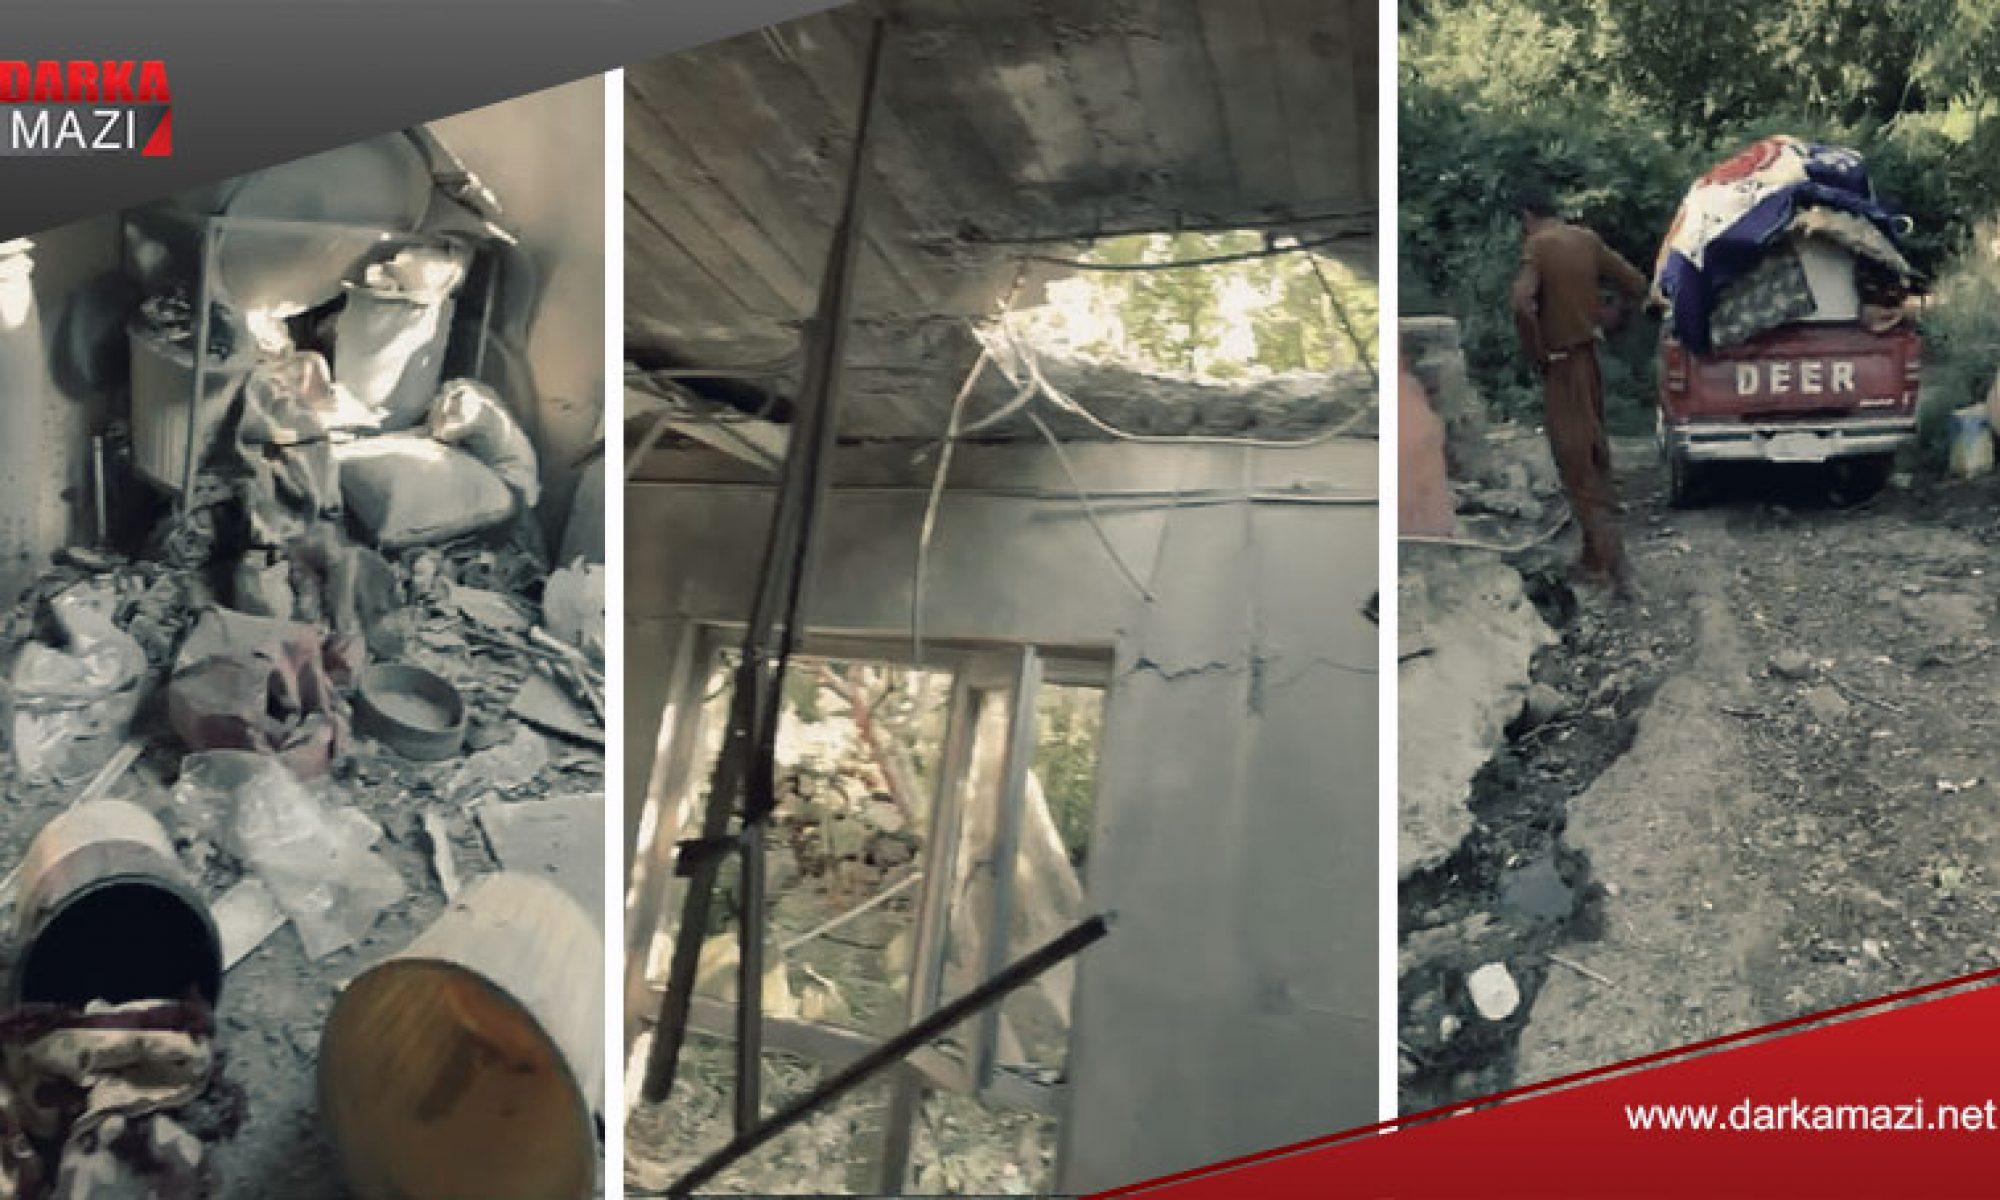 Haftanin operasyonu, Pençe Kaplan, Zaxo, Batufa, PKK, Güney Kürdistan